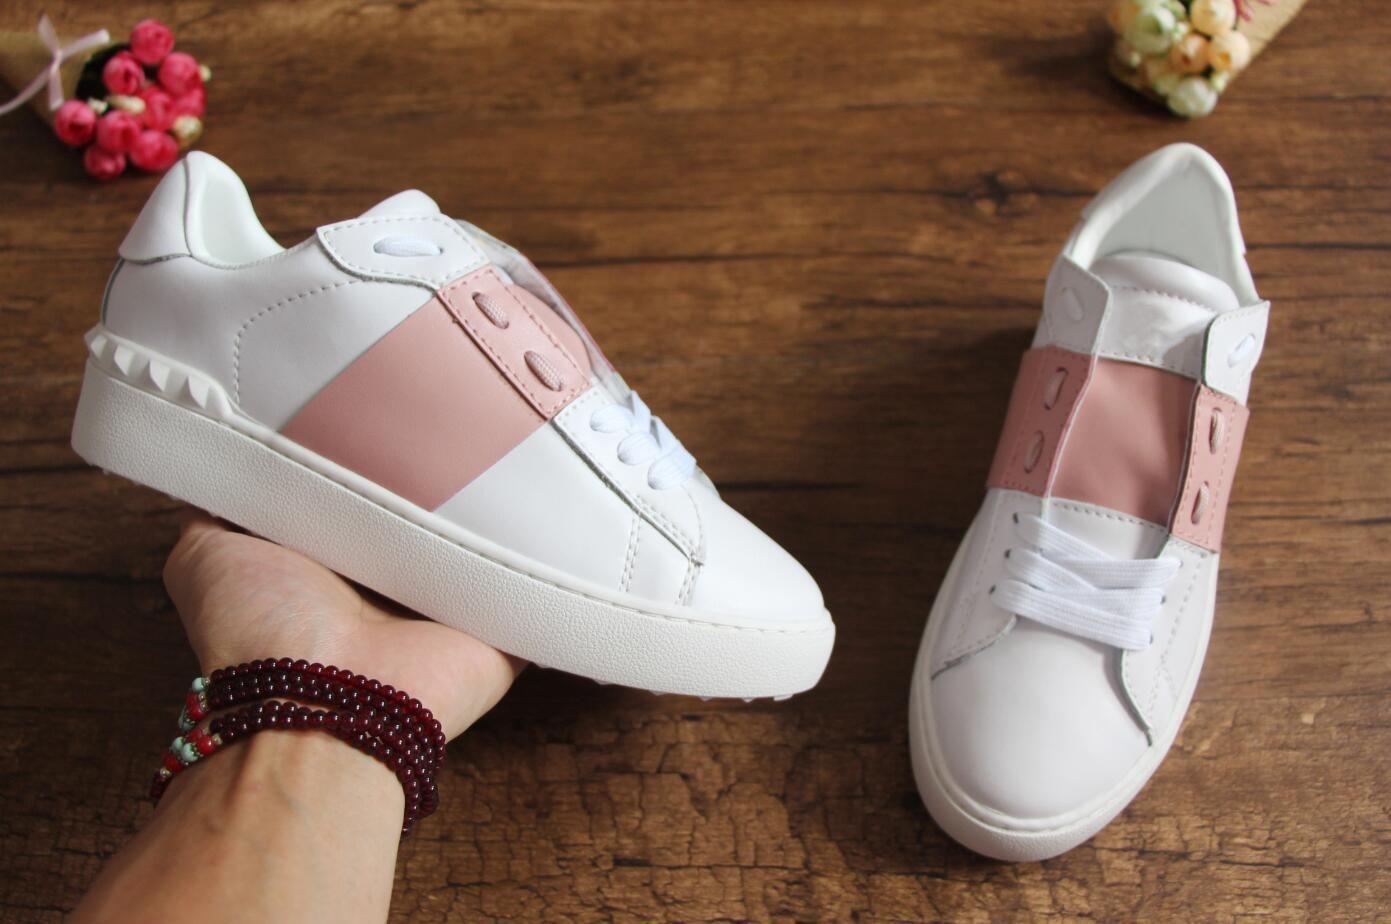 diseñador barato al por mayor mujeres de los hombres de lujo de las zapatillas de deporte zapatos abiertos con tamaño de calidad superior 9 colores caja original 34-46 para la venta A25